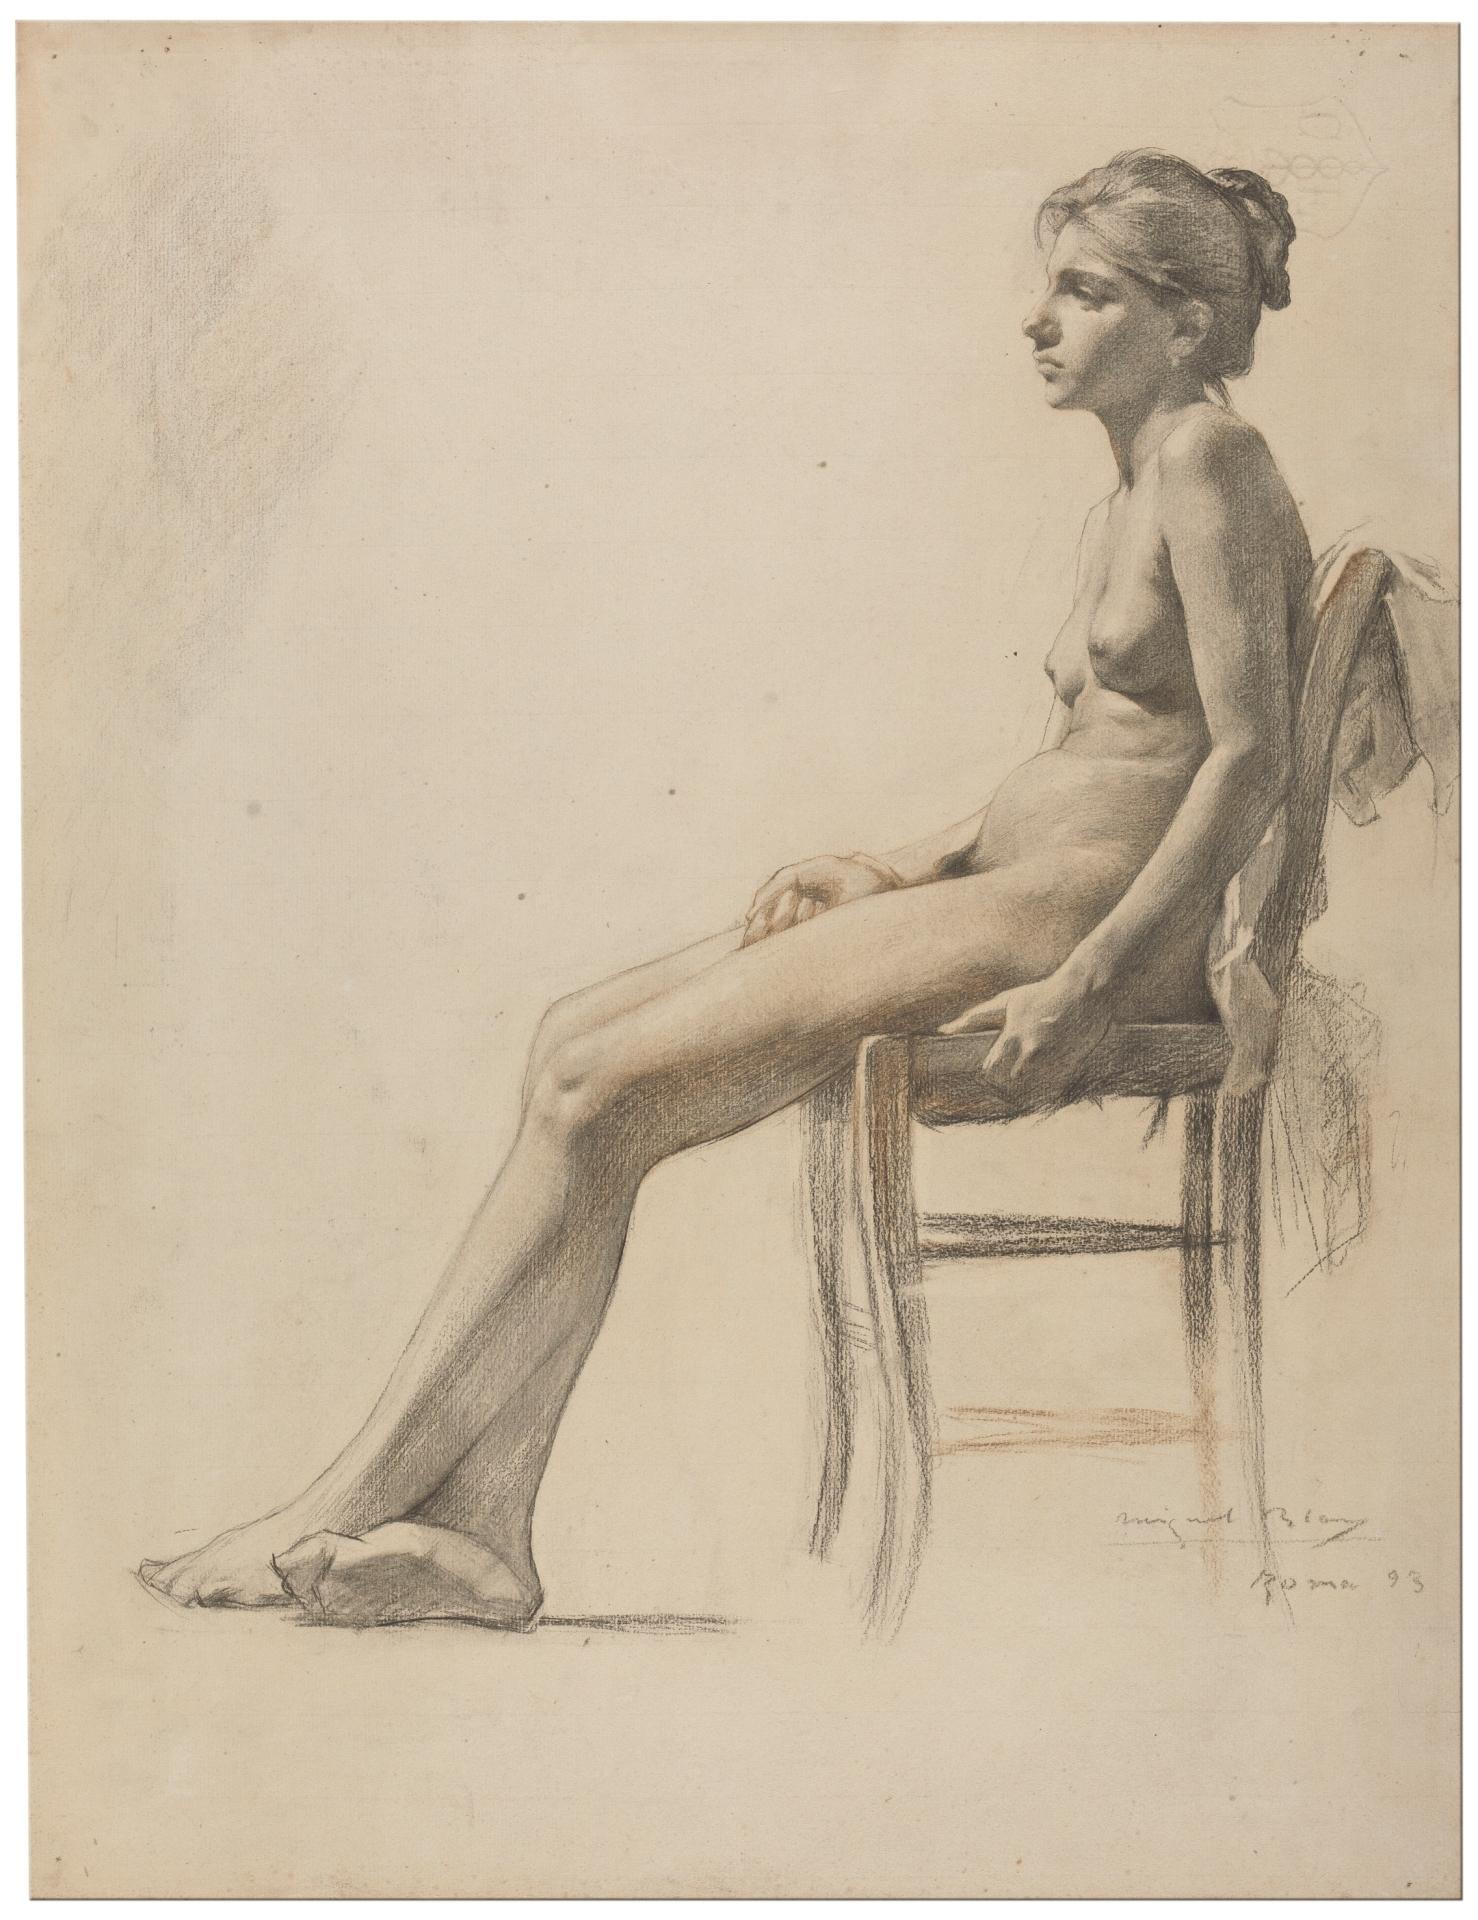 abierto hoy en barcelona mujer desnuda sentada encima de un hombre